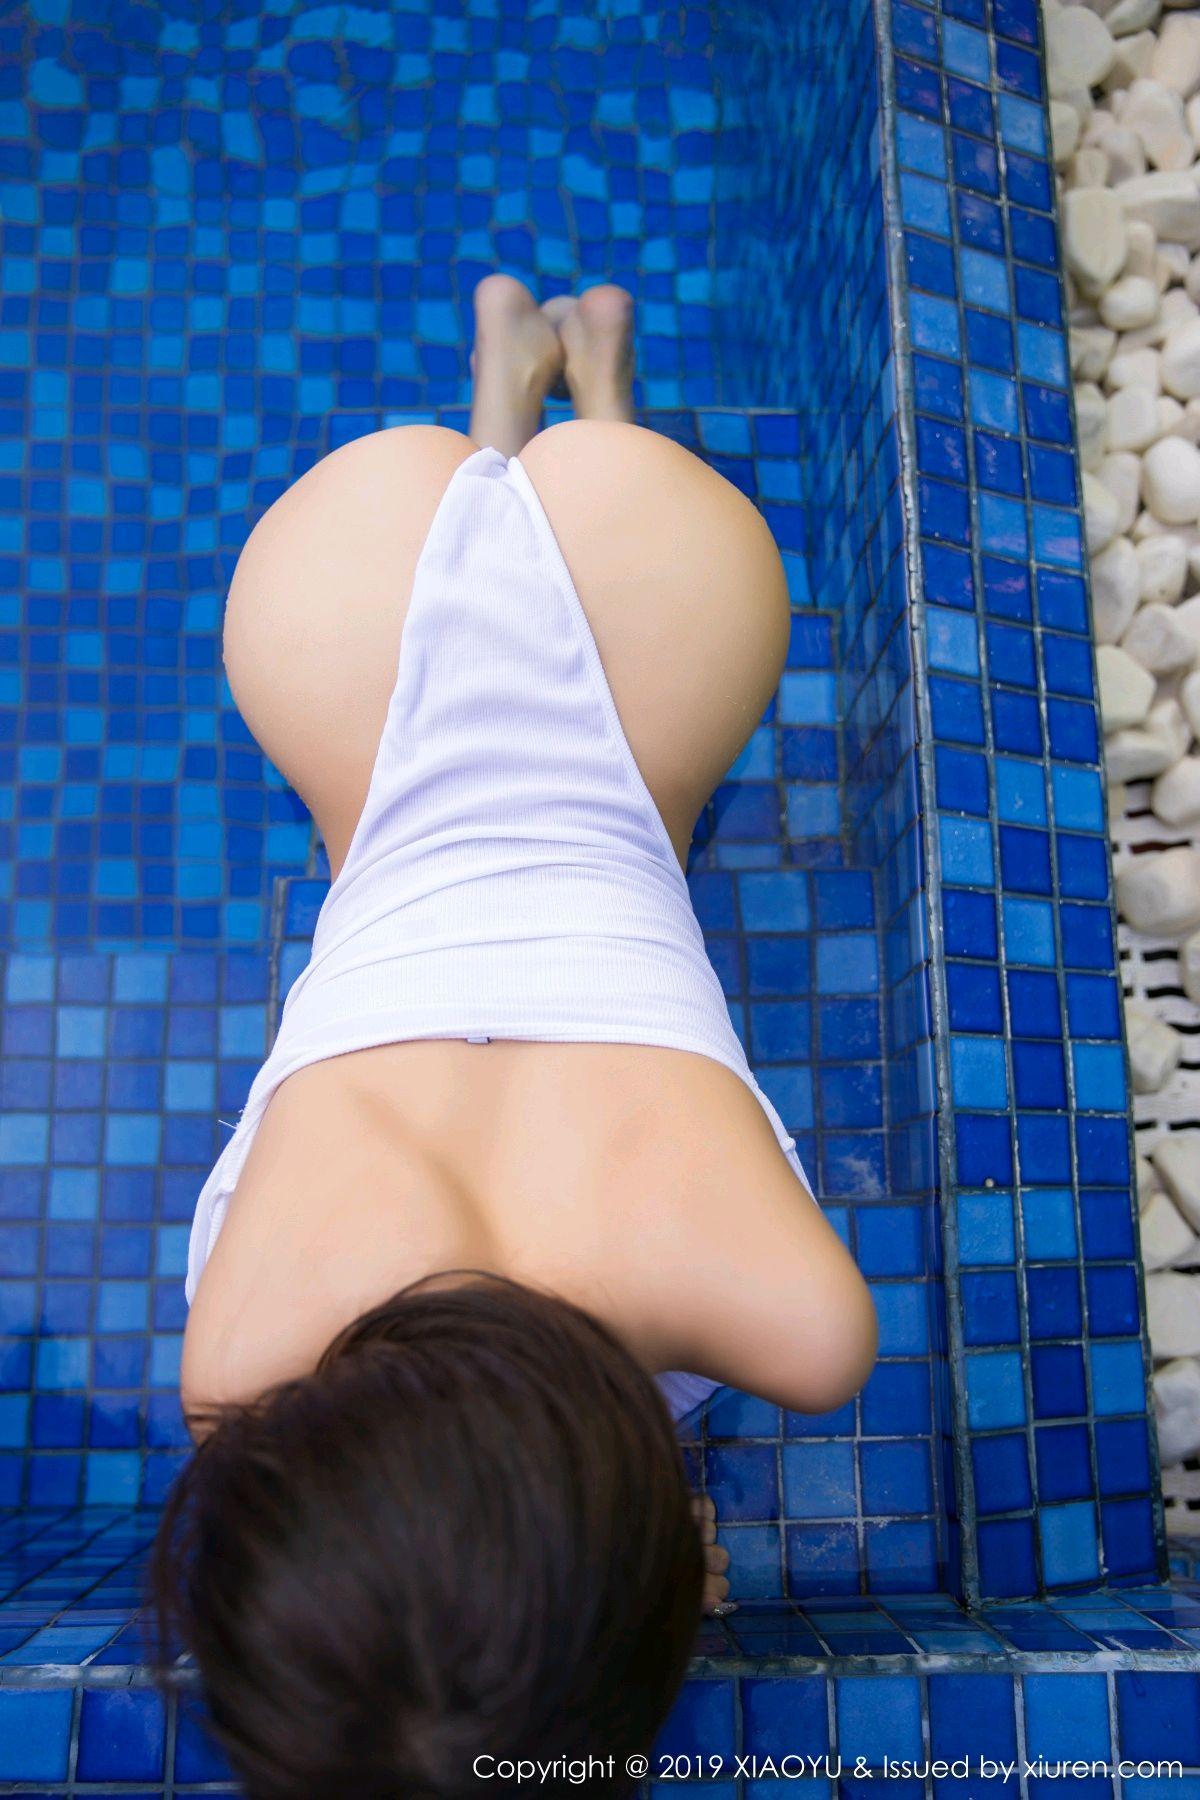 [XiaoYu] Vol.081 Yang Chen Chen 63P, Swim Pool, Wet, XiaoYu, Yang Chen Chen